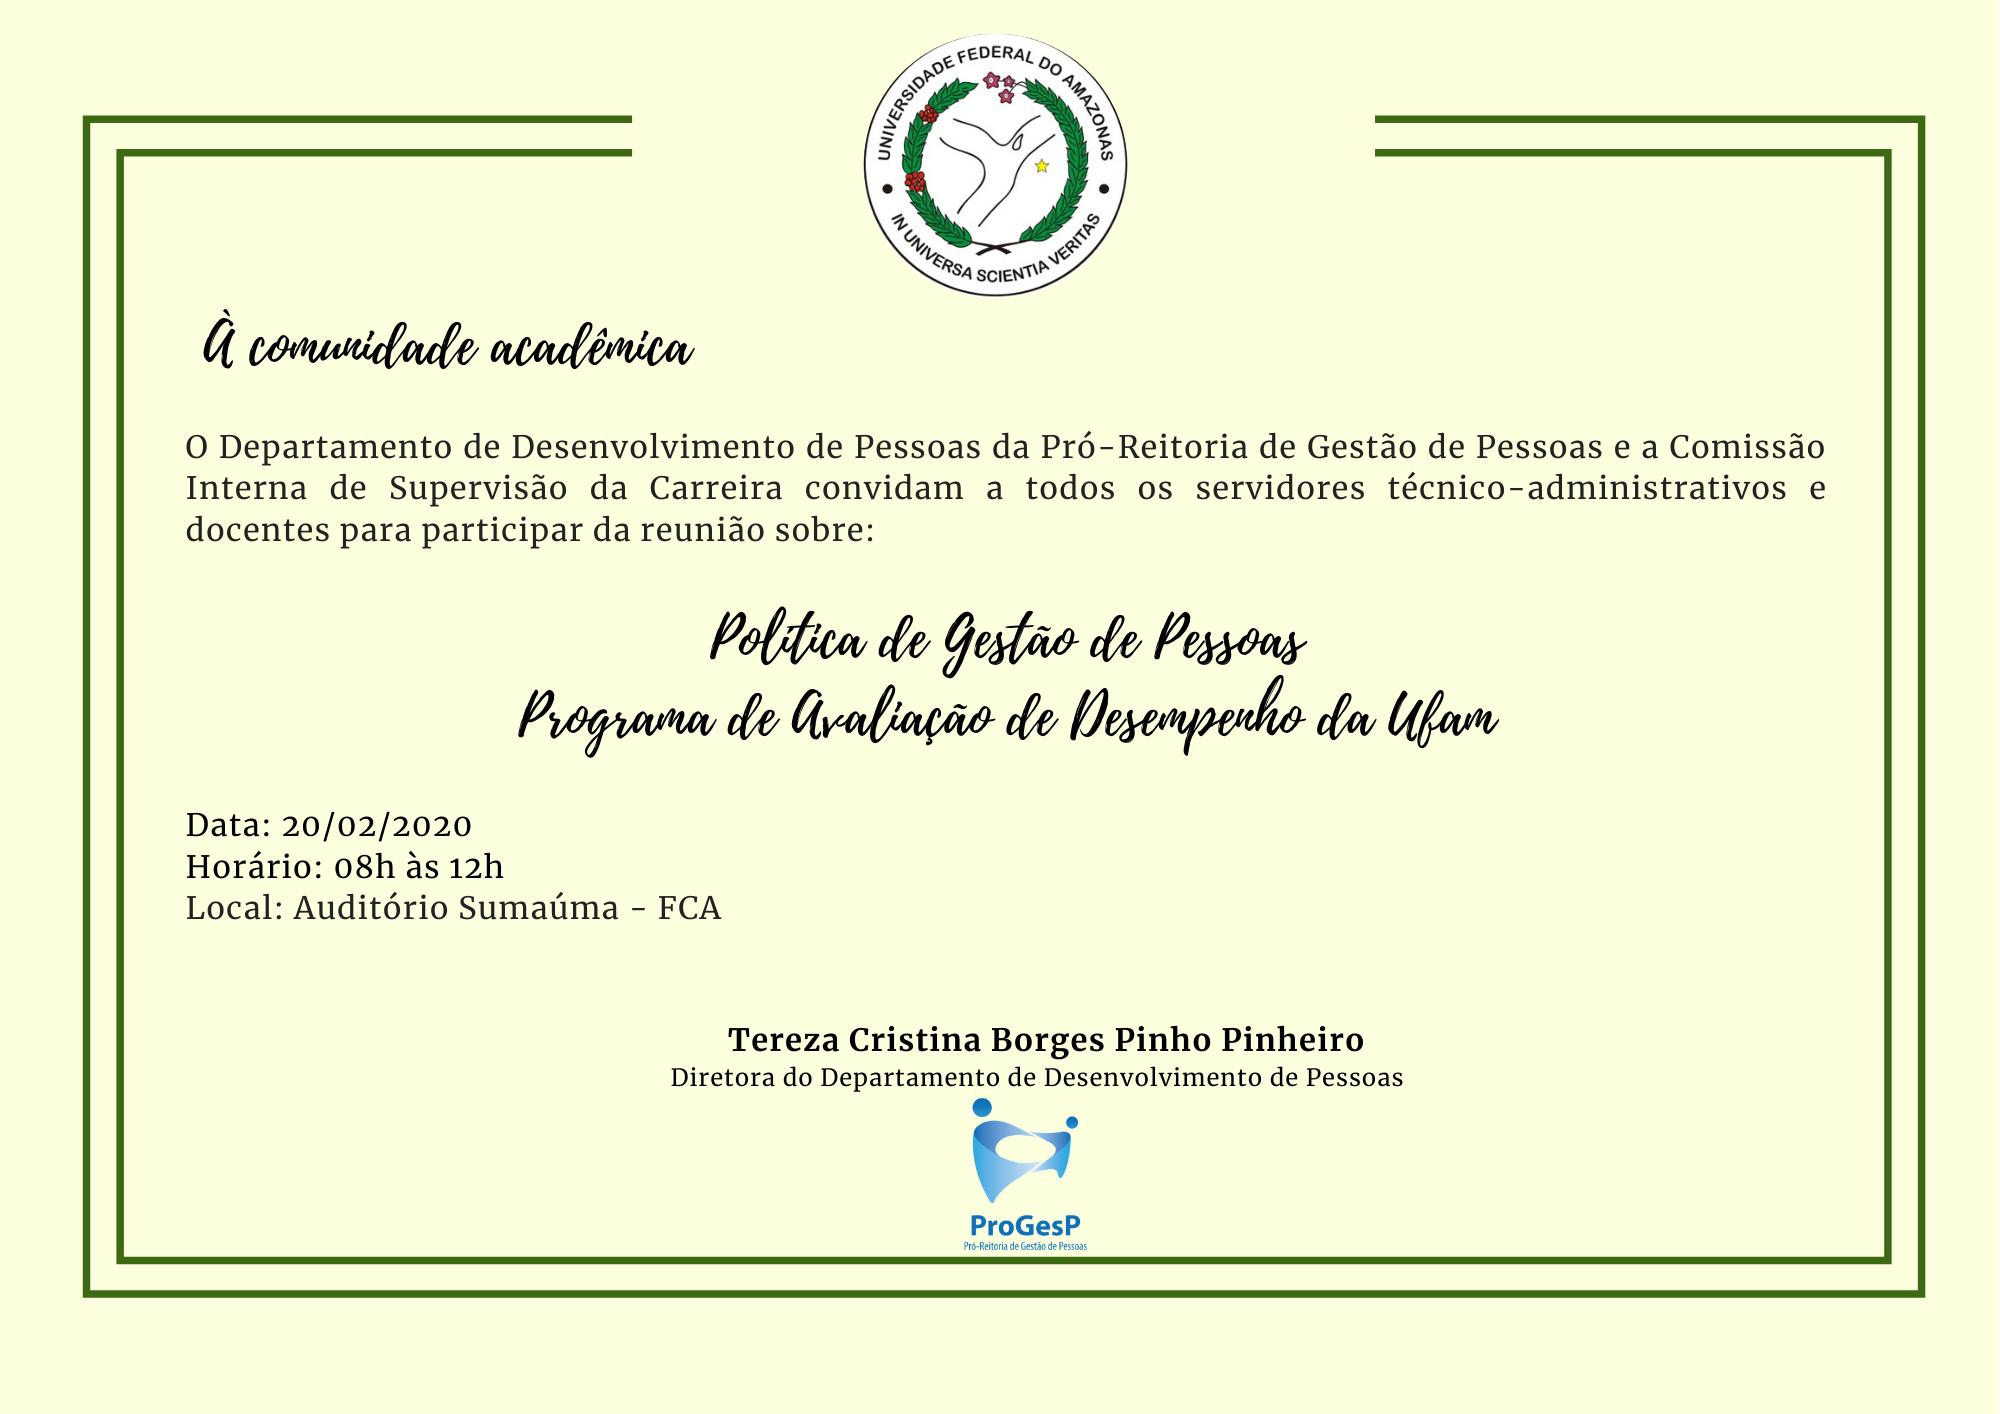 Reunião sobre Política de Gestão de Pessoas e Programa de Avaliação de Desempenho